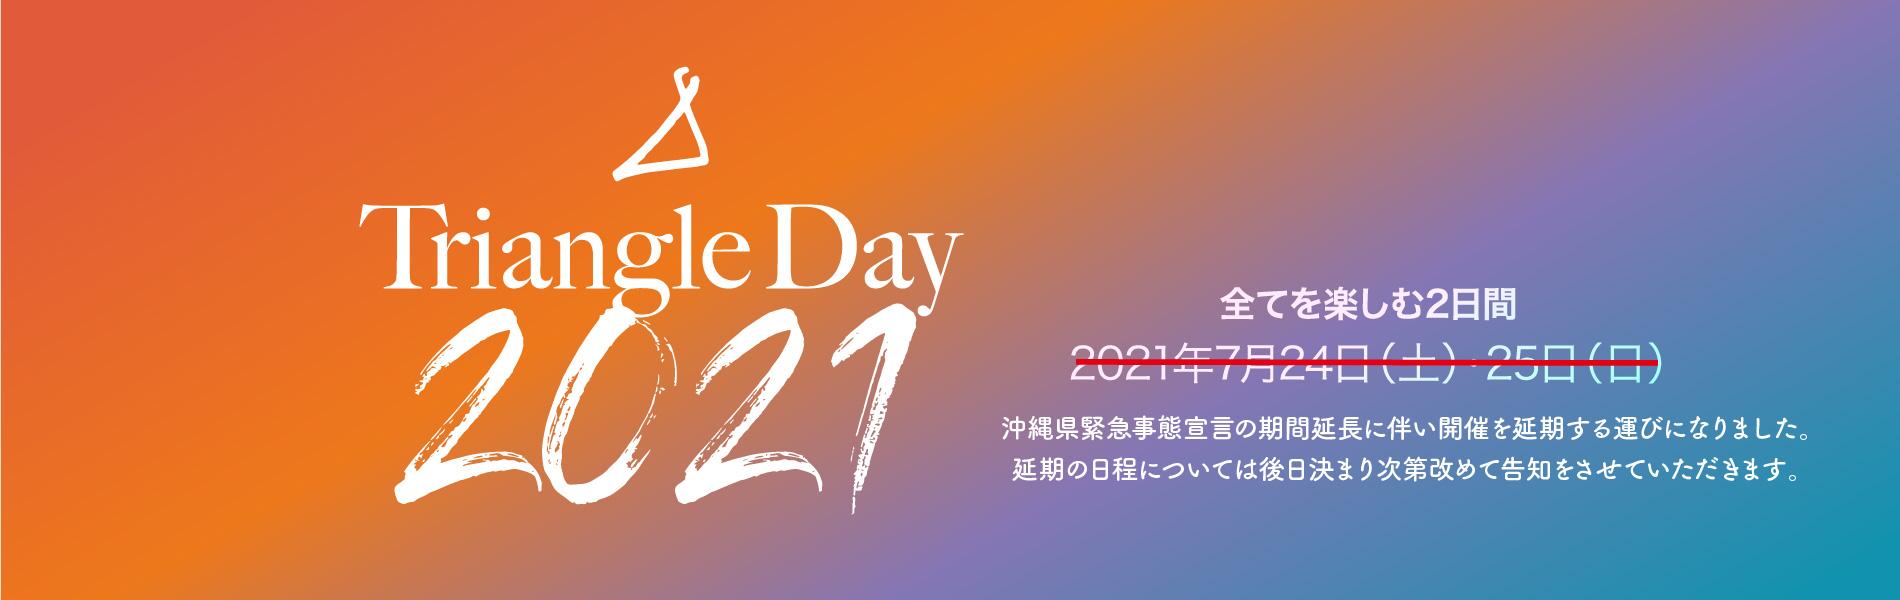 Triangle Day2021延期